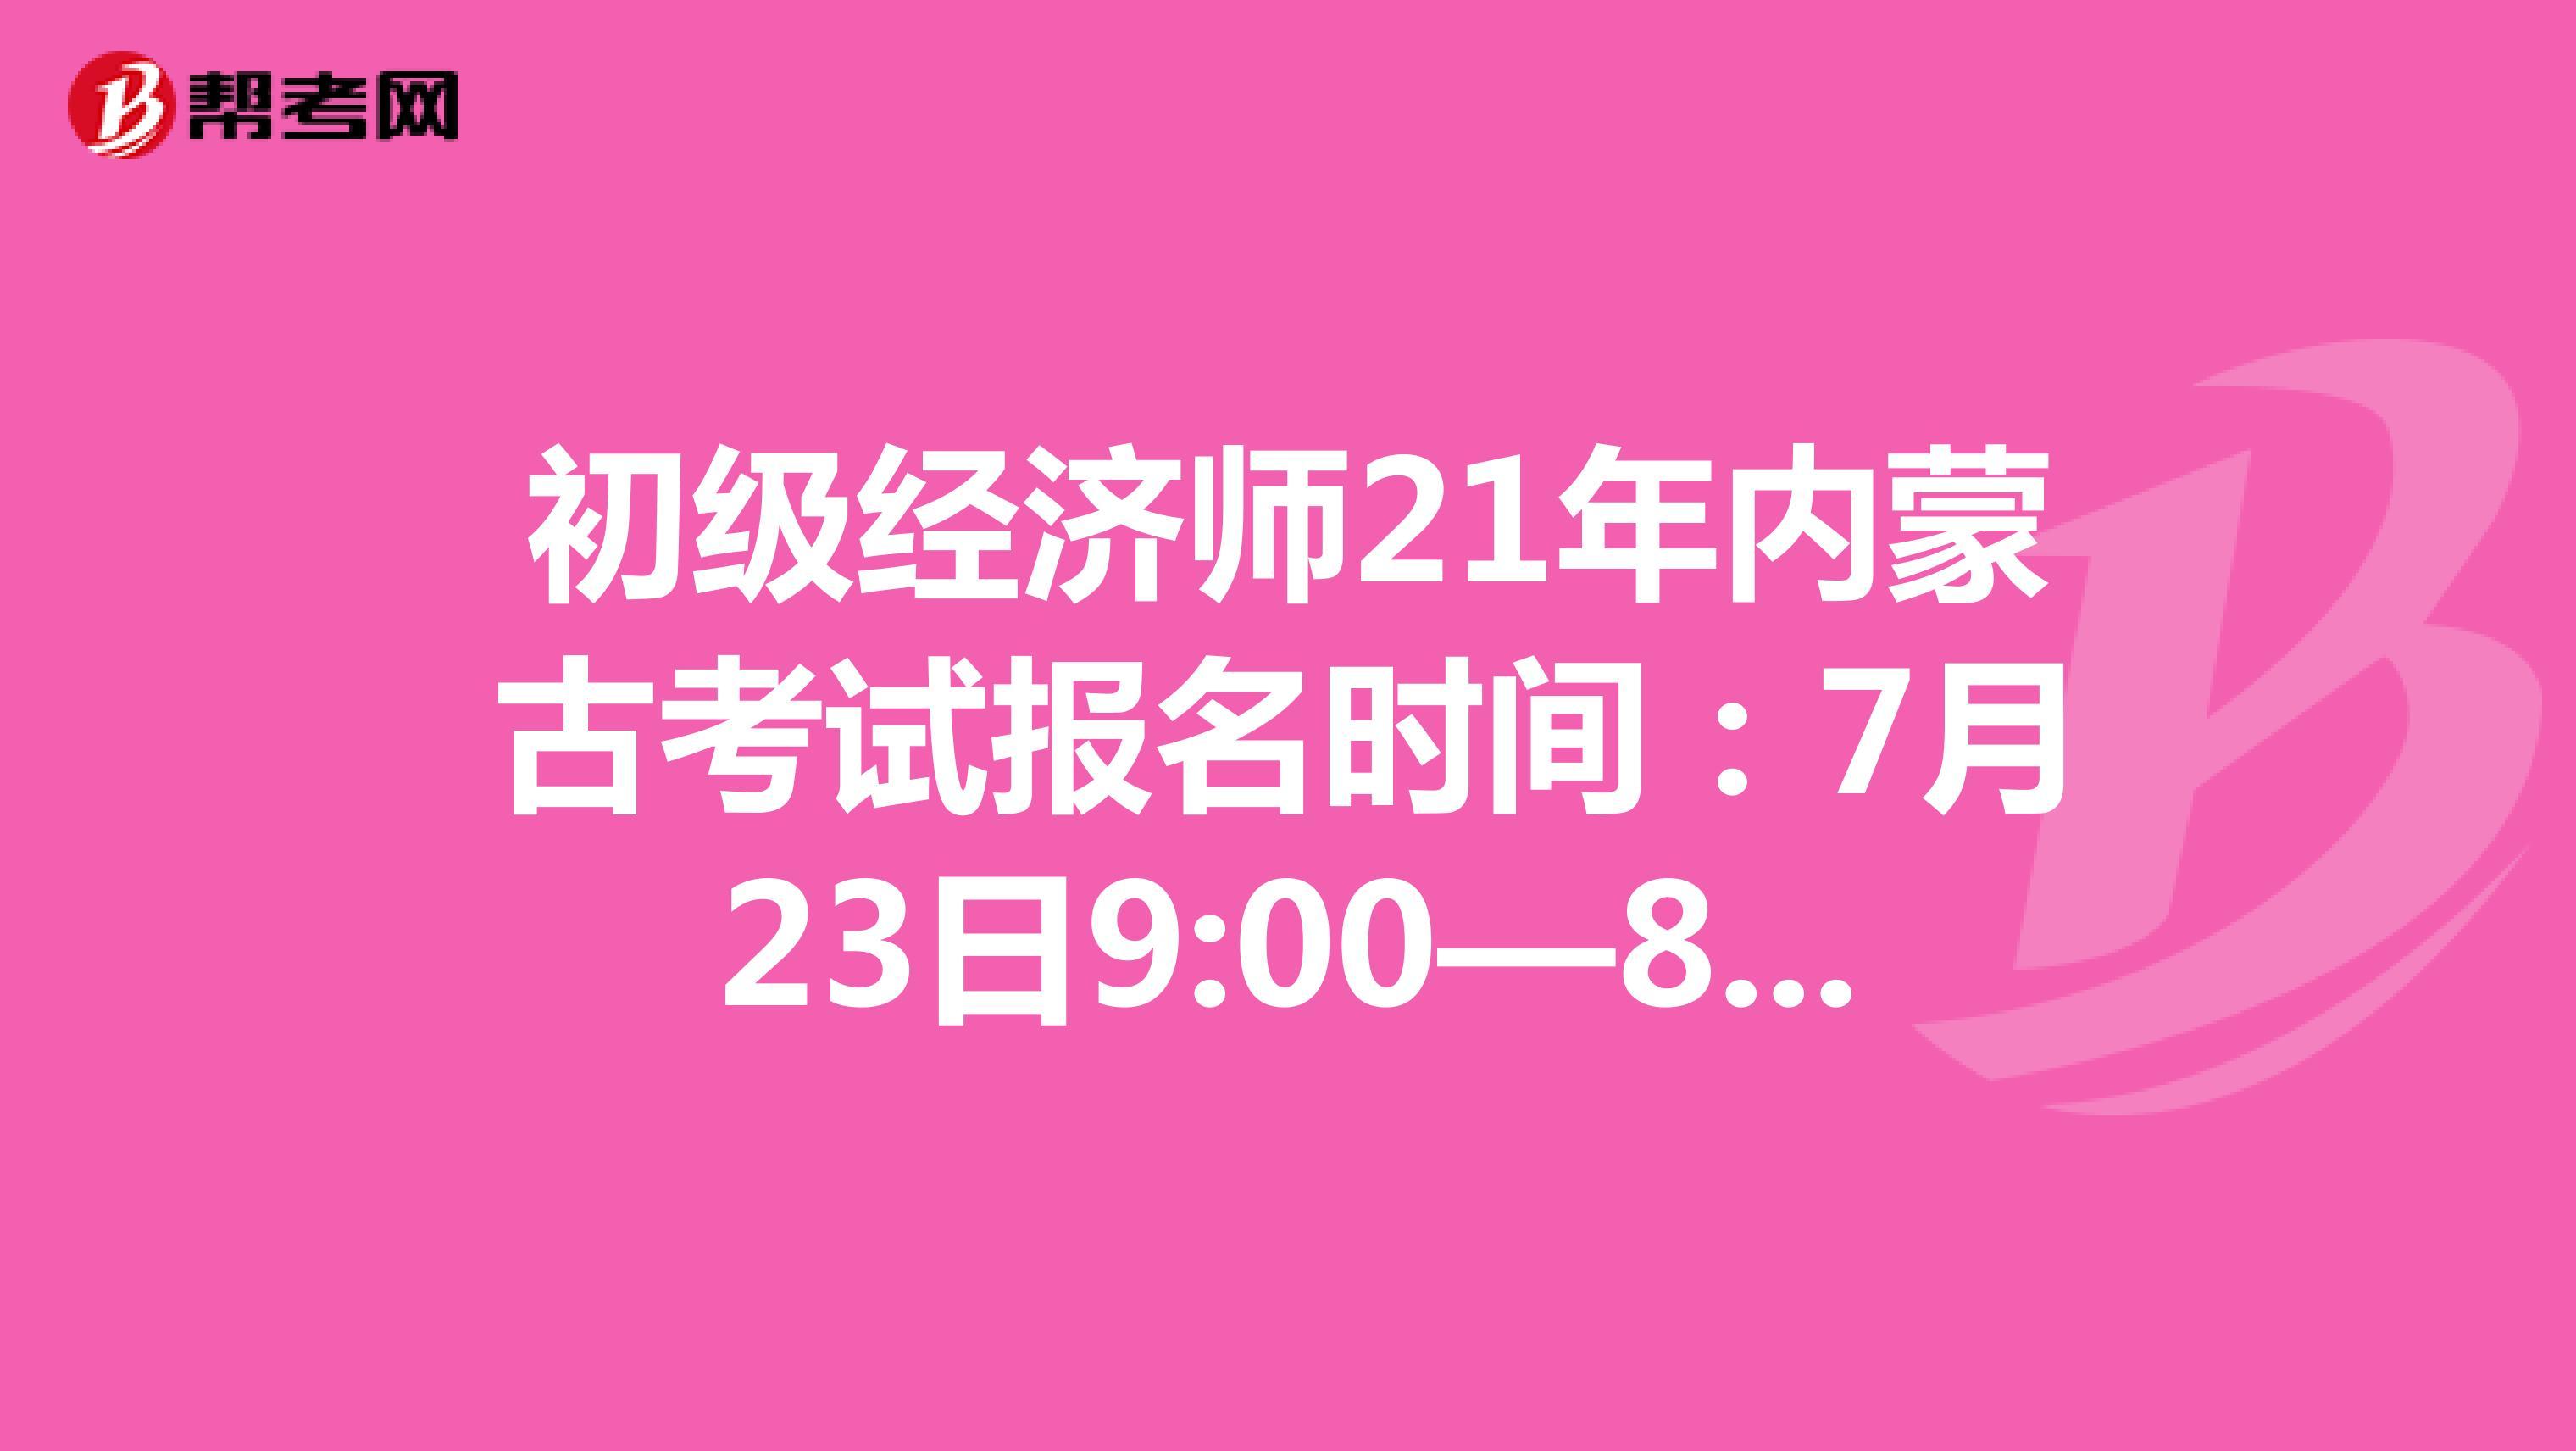 初级经济师21年内蒙古考试报名时间:7月23日9:00—8月5日17:00